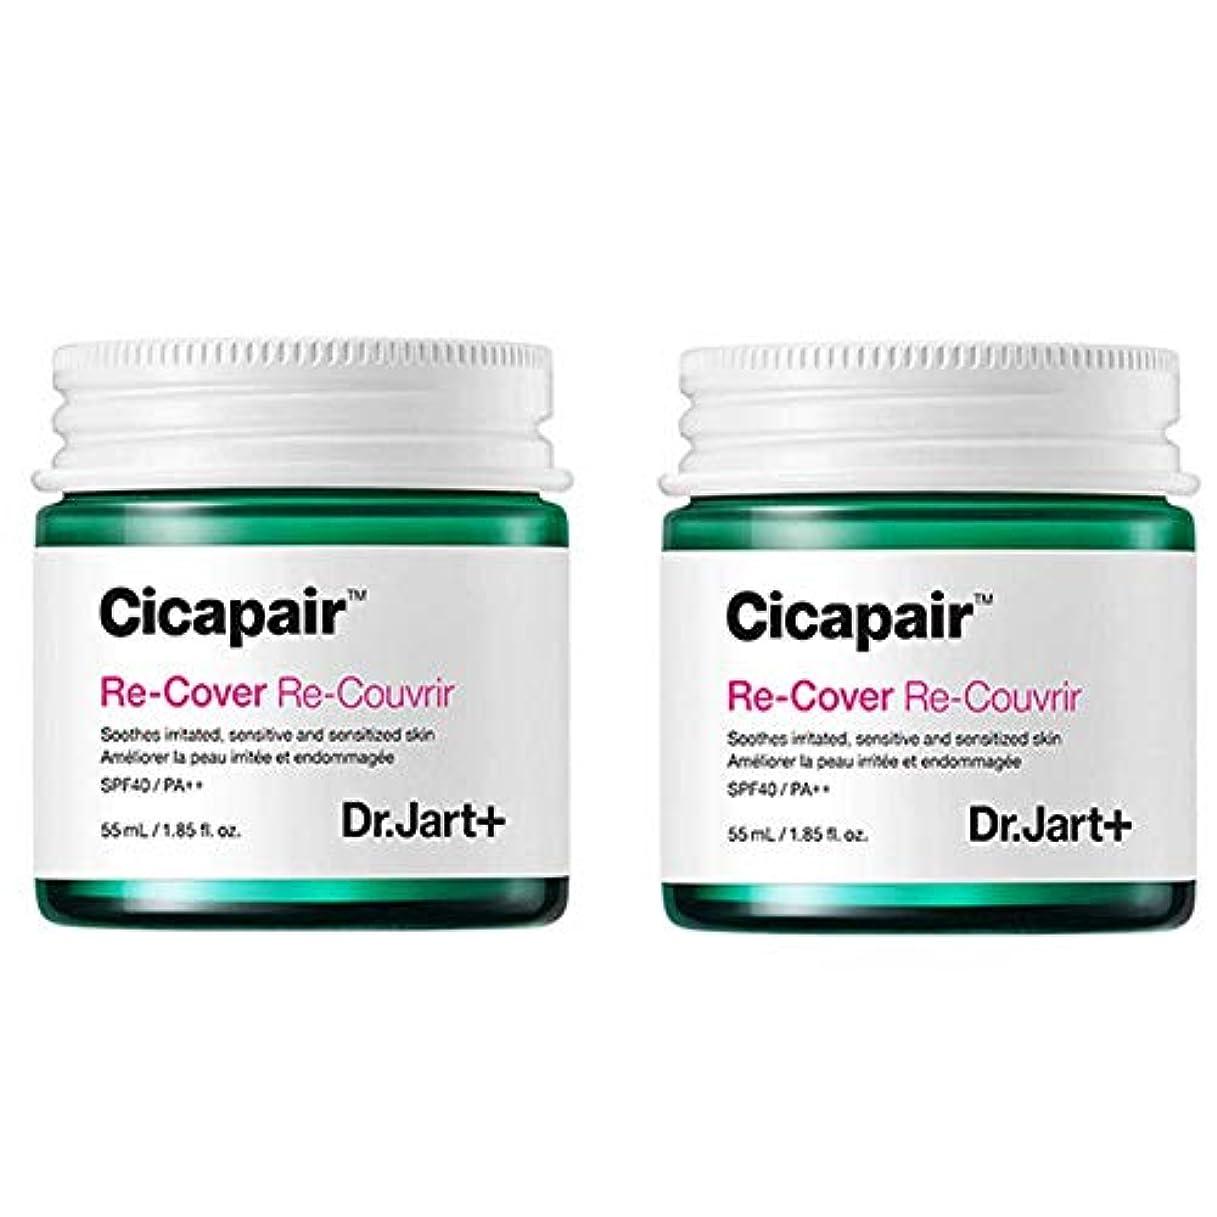 スツールフルーツ揃えるDr.Jart+ Cicapair ReCover X 2 ドクタージャルトシカペアリカバー X 2 (2代目)皮膚回復 紫外線カット 黄砂ケア [並行輸入品]